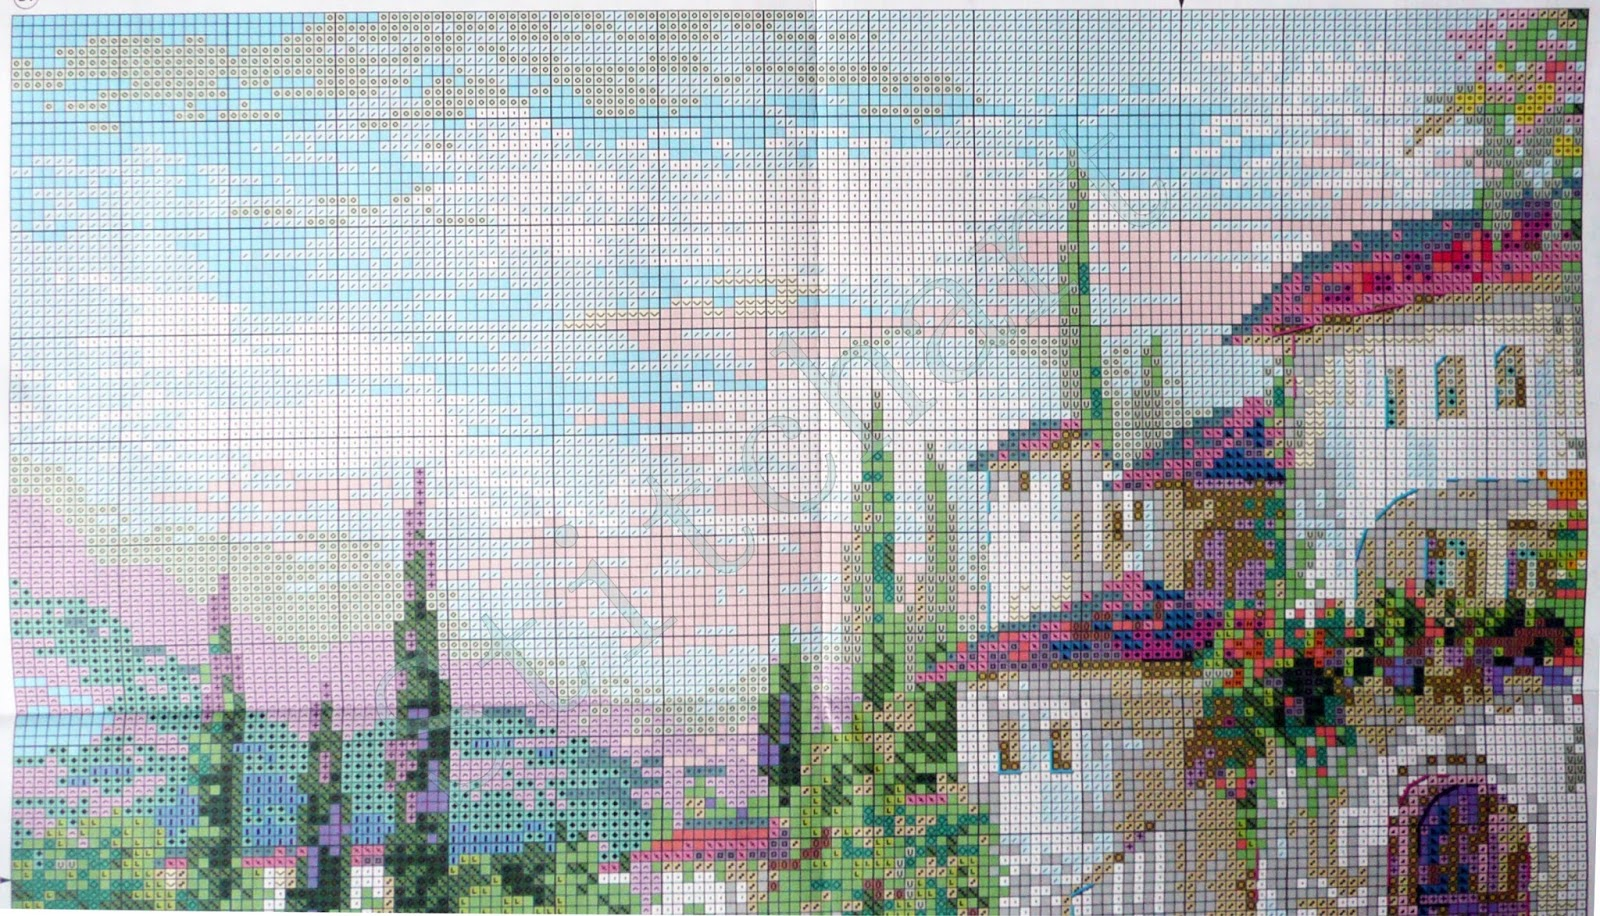 Схема для вышивки фонтан